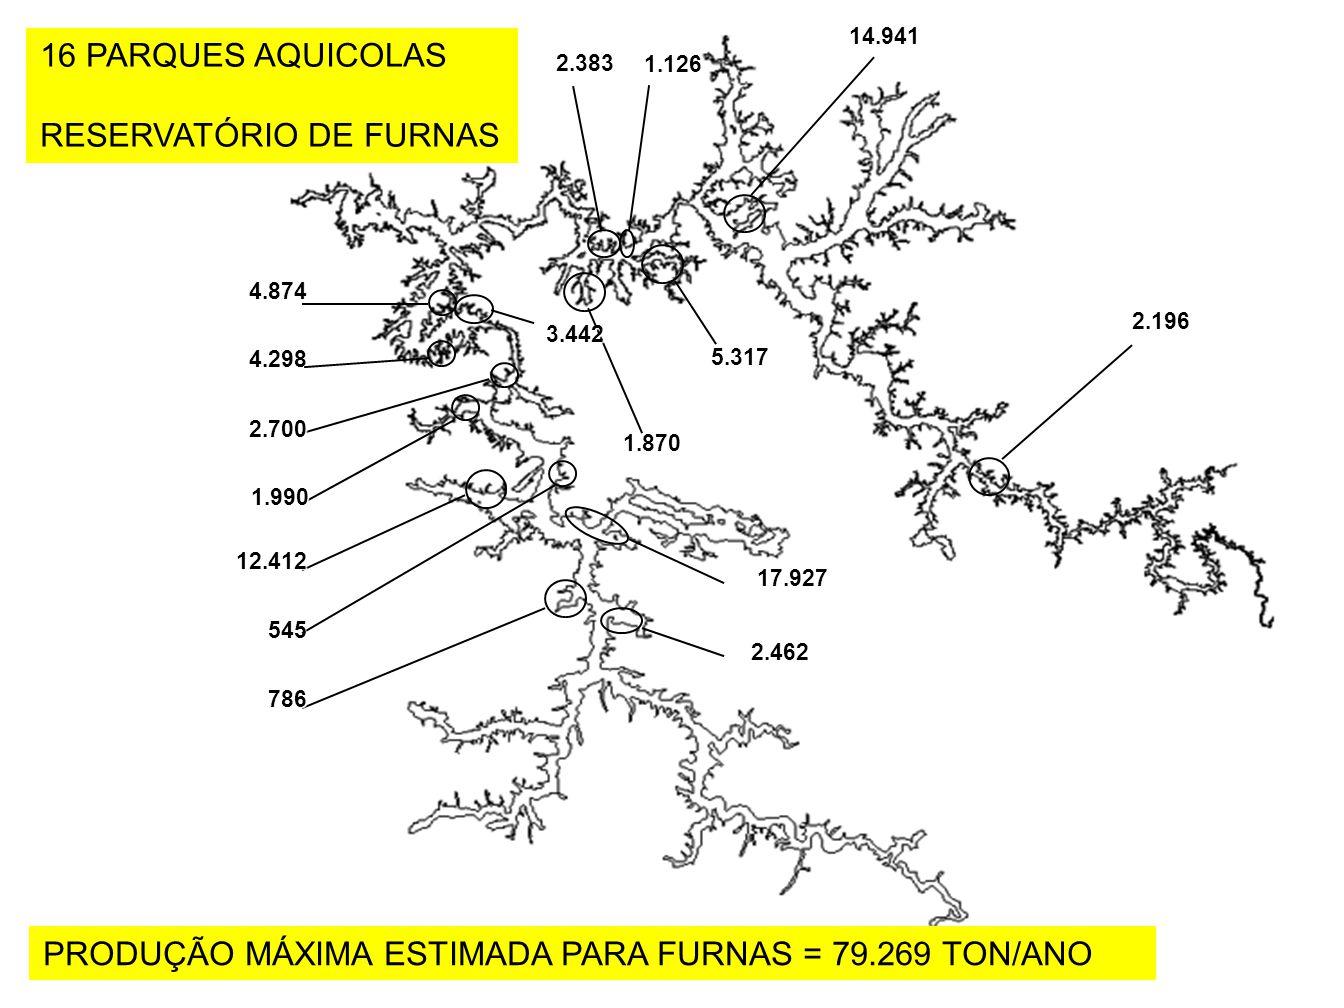 RESERVATÓRIO DE FURNAS